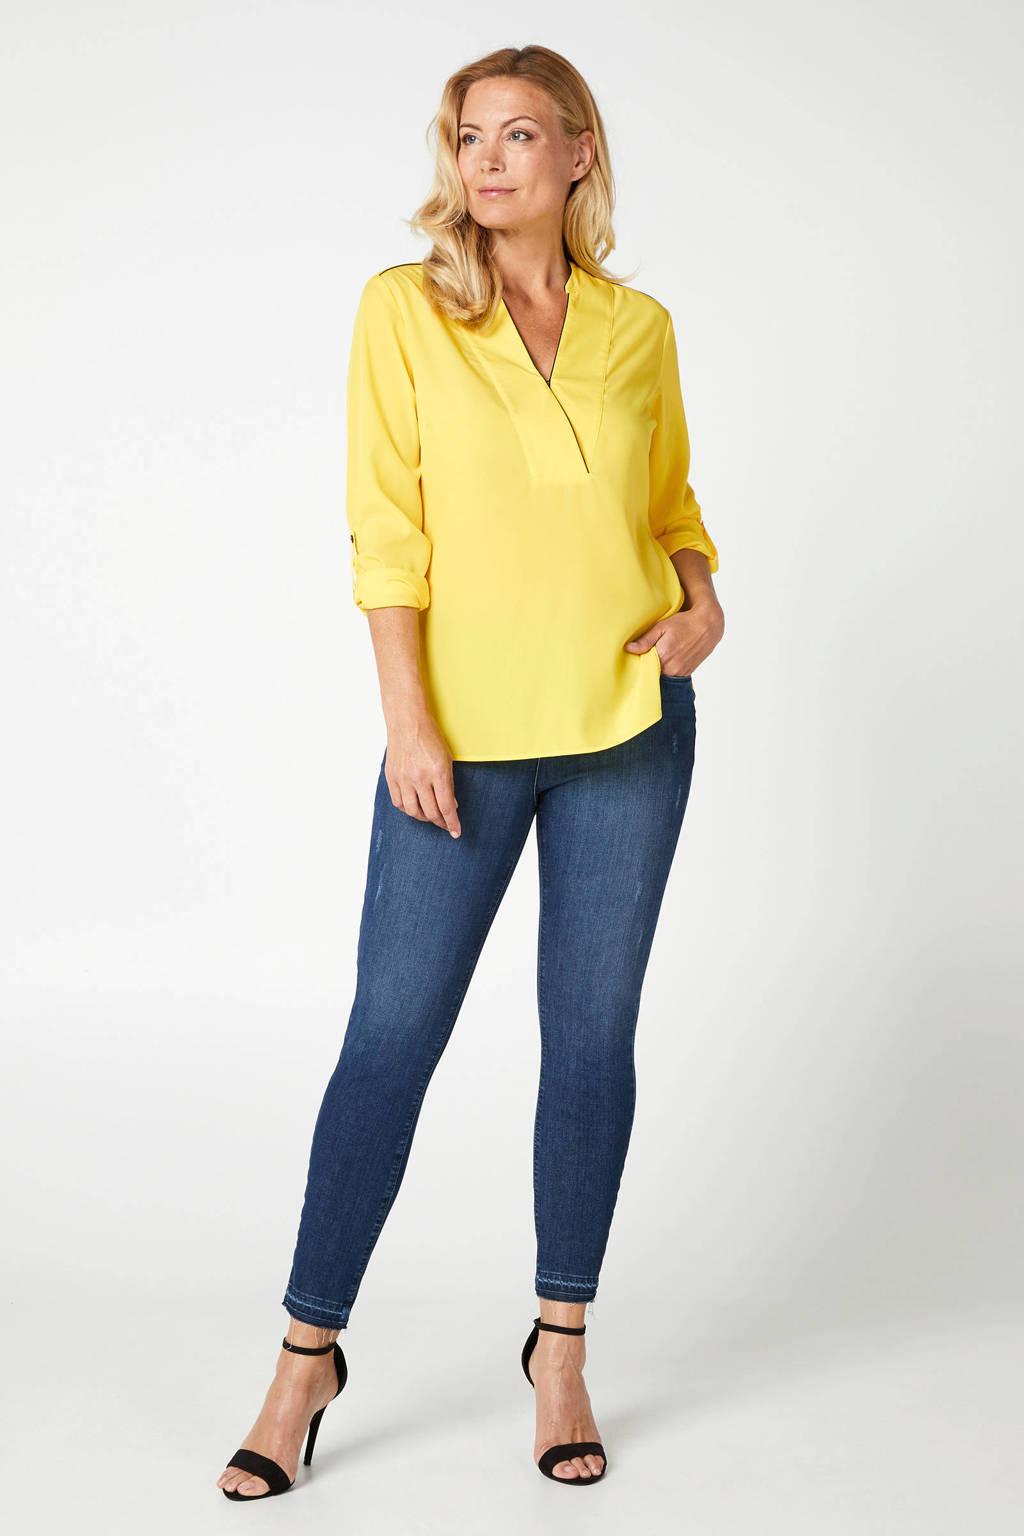 PROMISS top met contrastbies en overslag detail geel, Geel